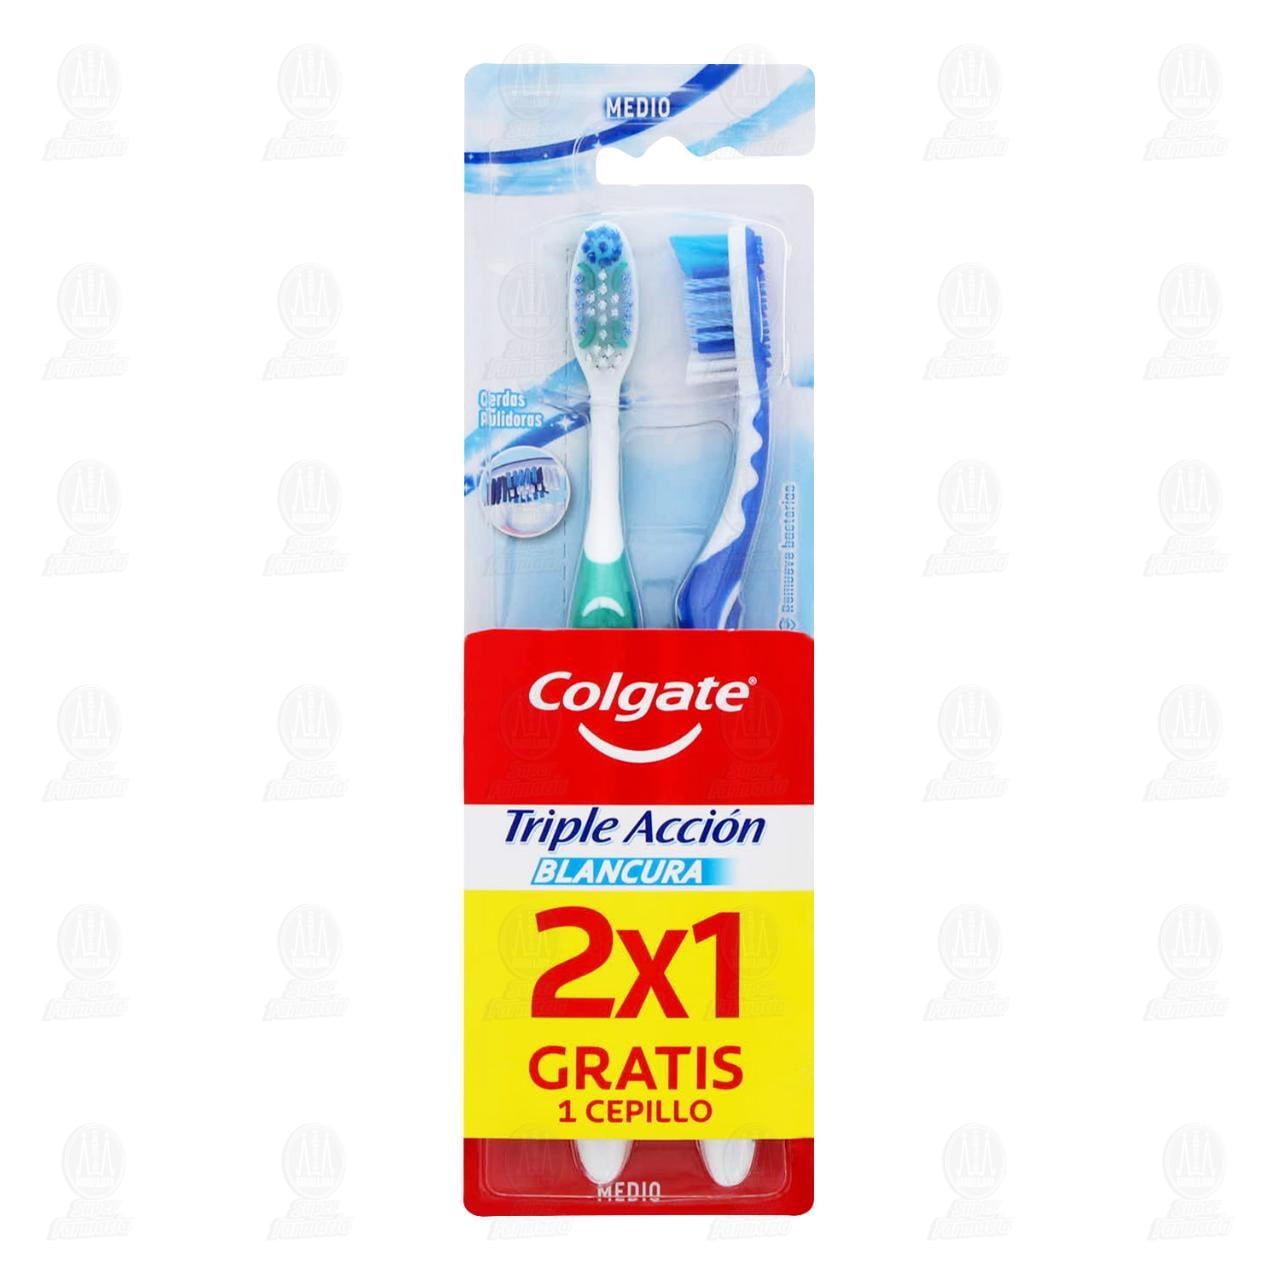 Comprar Cepillo Dental Colgate Triple Acción Blancura, 2 pzas. en Farmacias Guadalajara